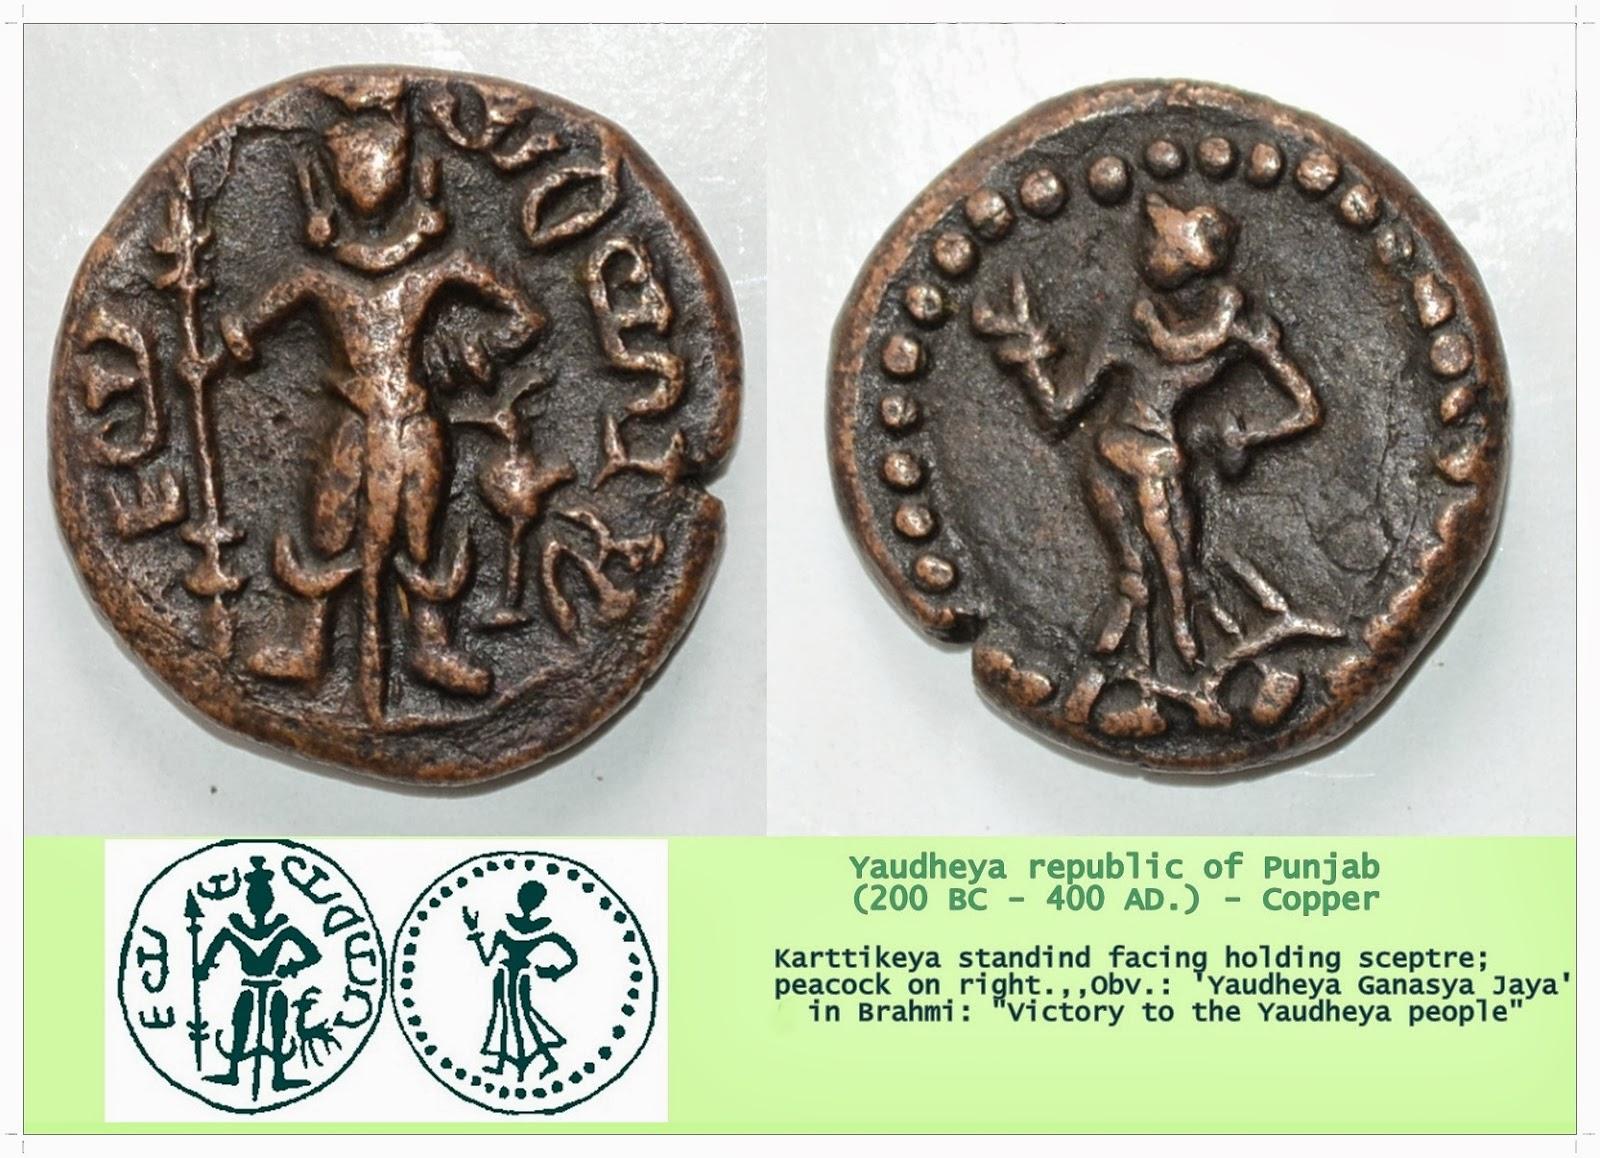 """Ancient Indian Coins. """"ಪ್ರಾಚಿನ ಭಾರತದ ನಾಣ್ಯಗಳು."""": Yaudheya"""